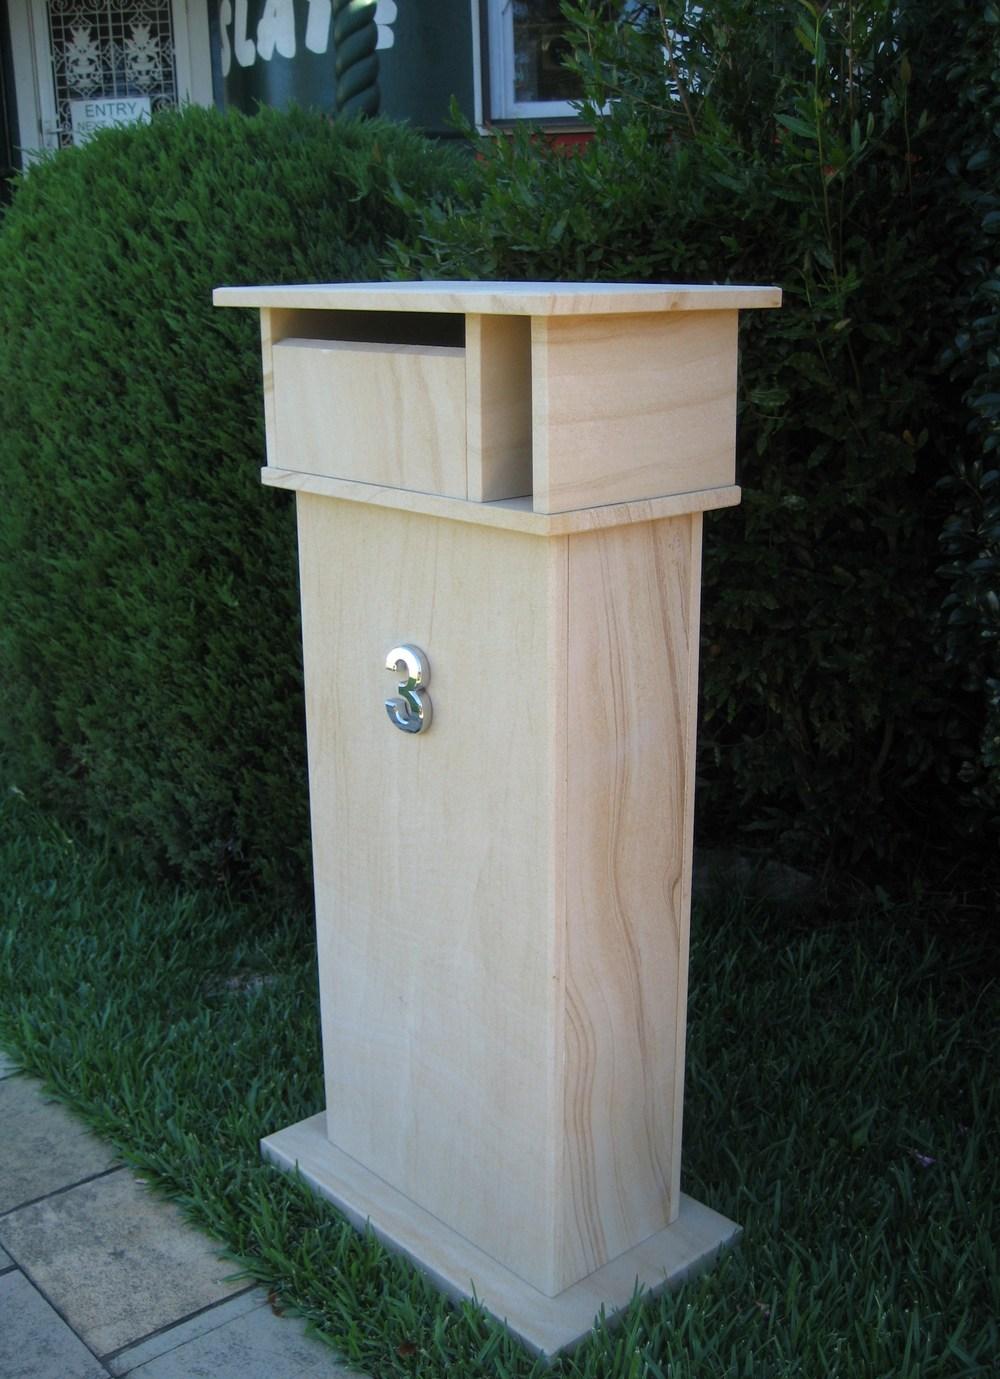 75. Extra tall letterbox, woodgrain sandstone. 1060 tall, dimentions 1060x400x300 $620